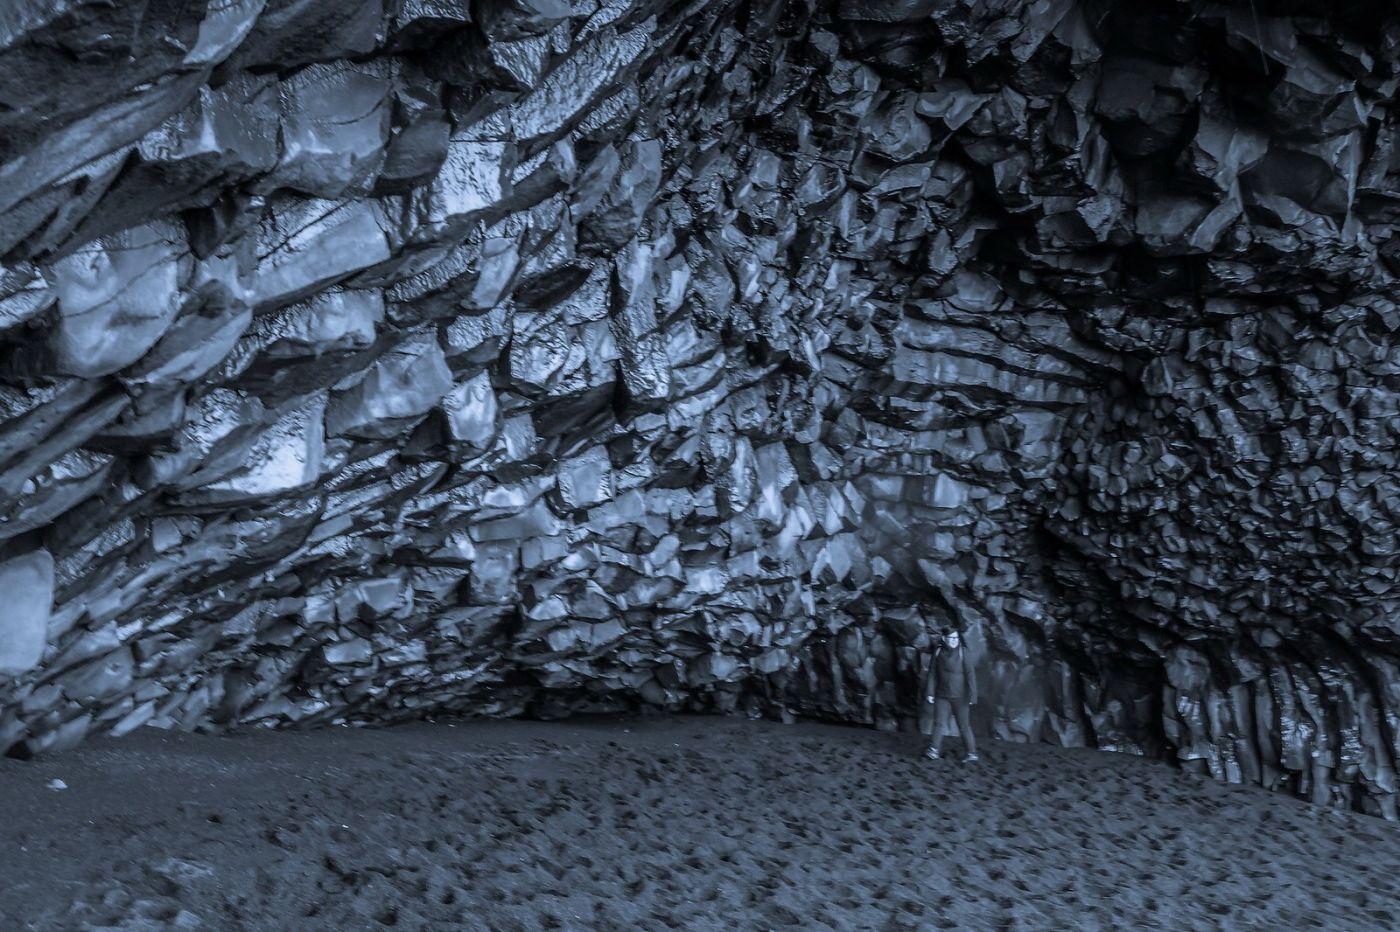 冰岛雷尼斯法加拉黑沙滩(Reynisfjara Black Sand Beach)_图1-7